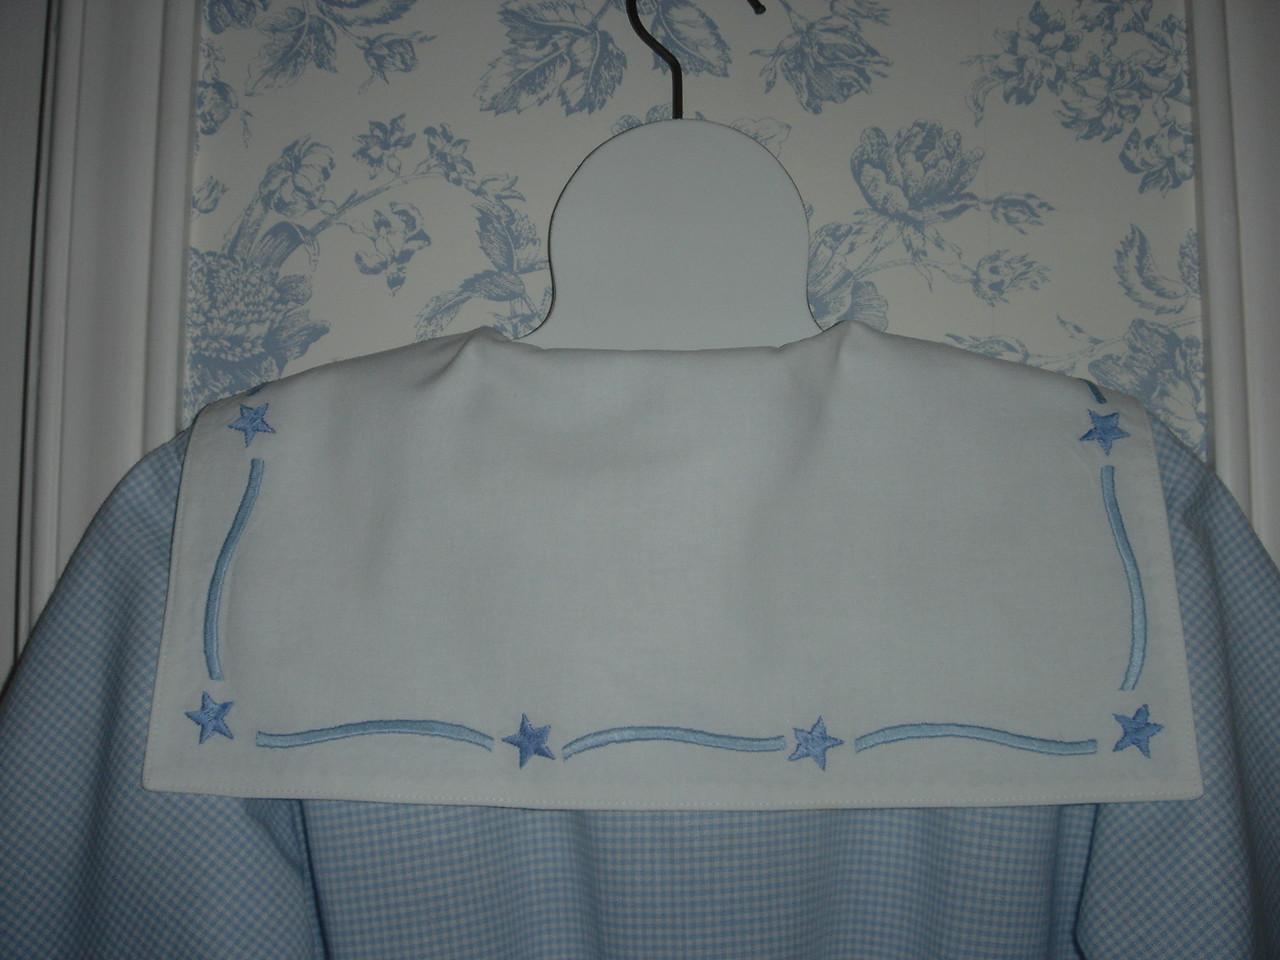 Closeup of back of collar